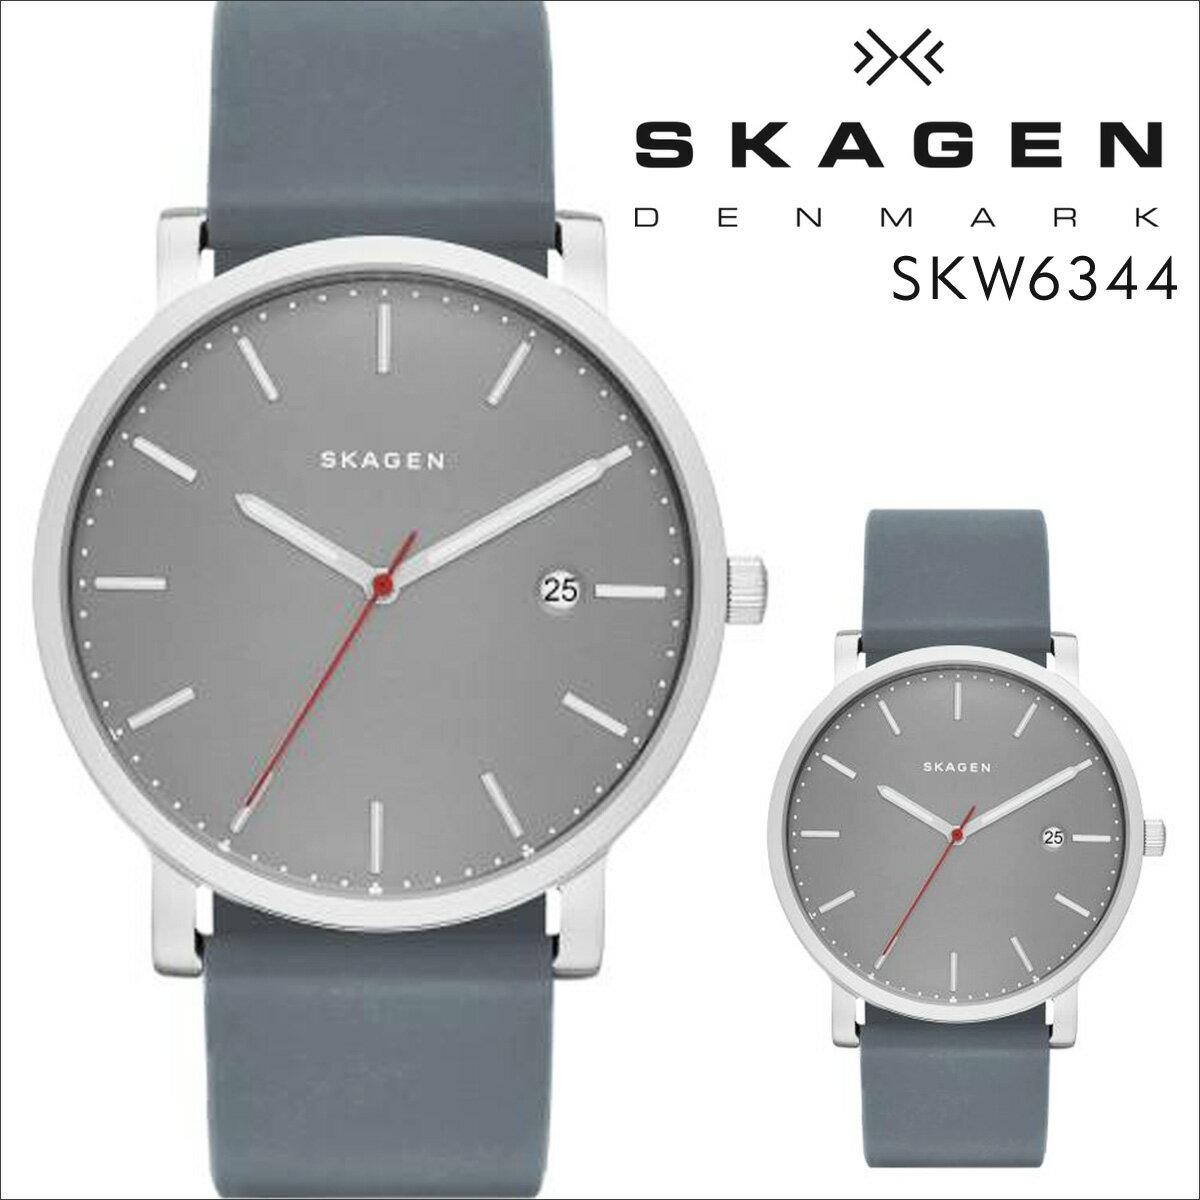 スカーゲン SKAGEN 腕時計 メンズ レディース 時計 HAGEN ハーゲン SKW6344 グレー 防水 [ あす楽対象外 ]